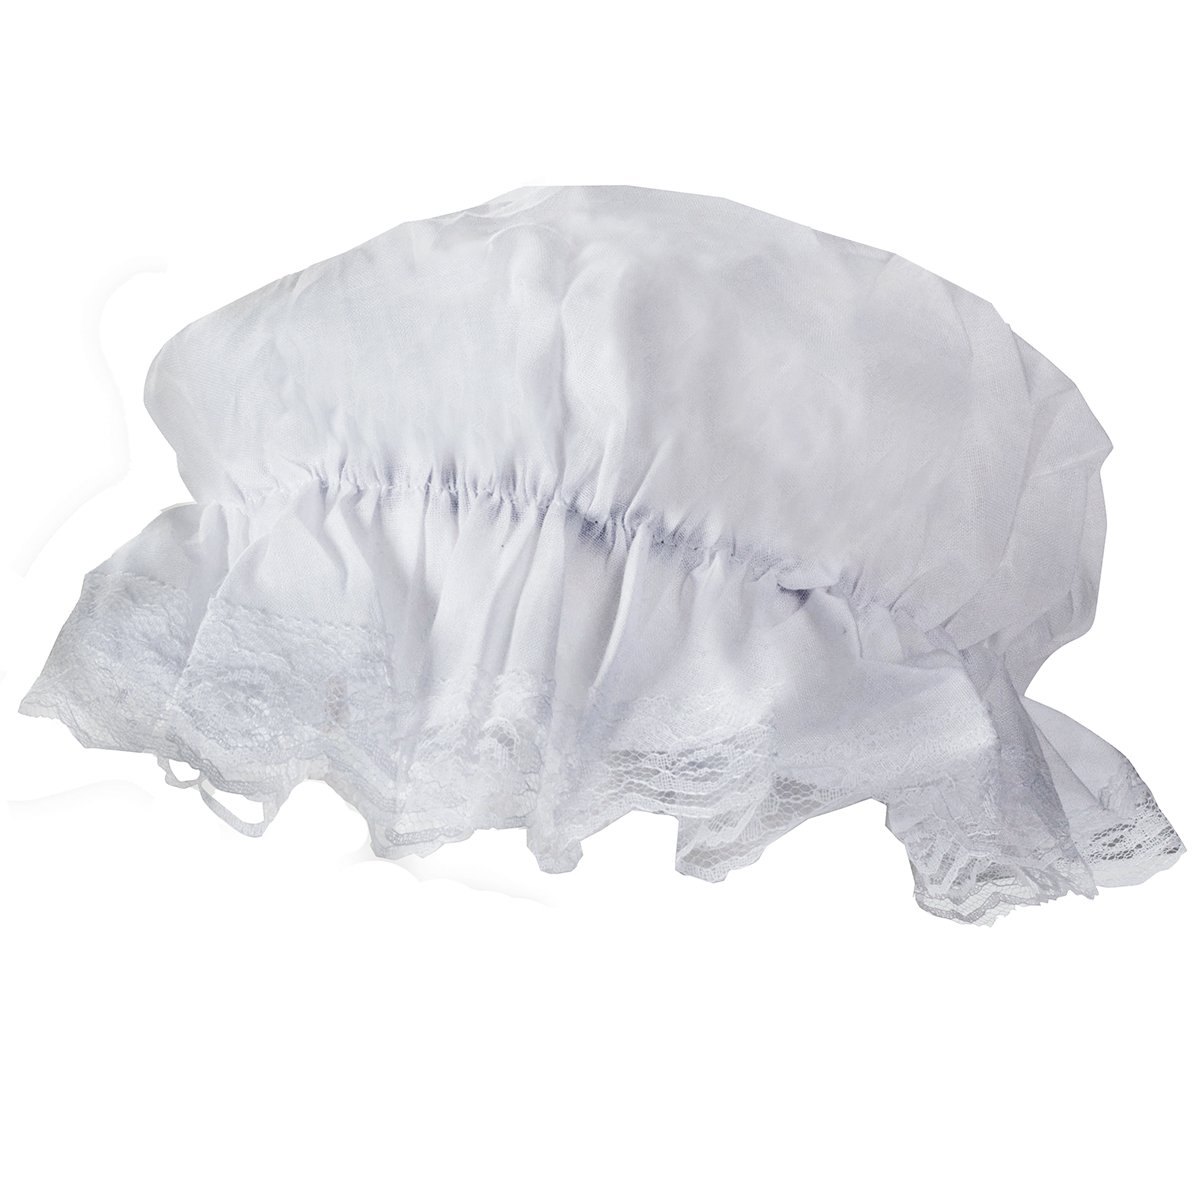 54ccf6de488 Tigerdoe Mob Cap - White Mop Hat Bonnet Colonial Costume Accessory ...